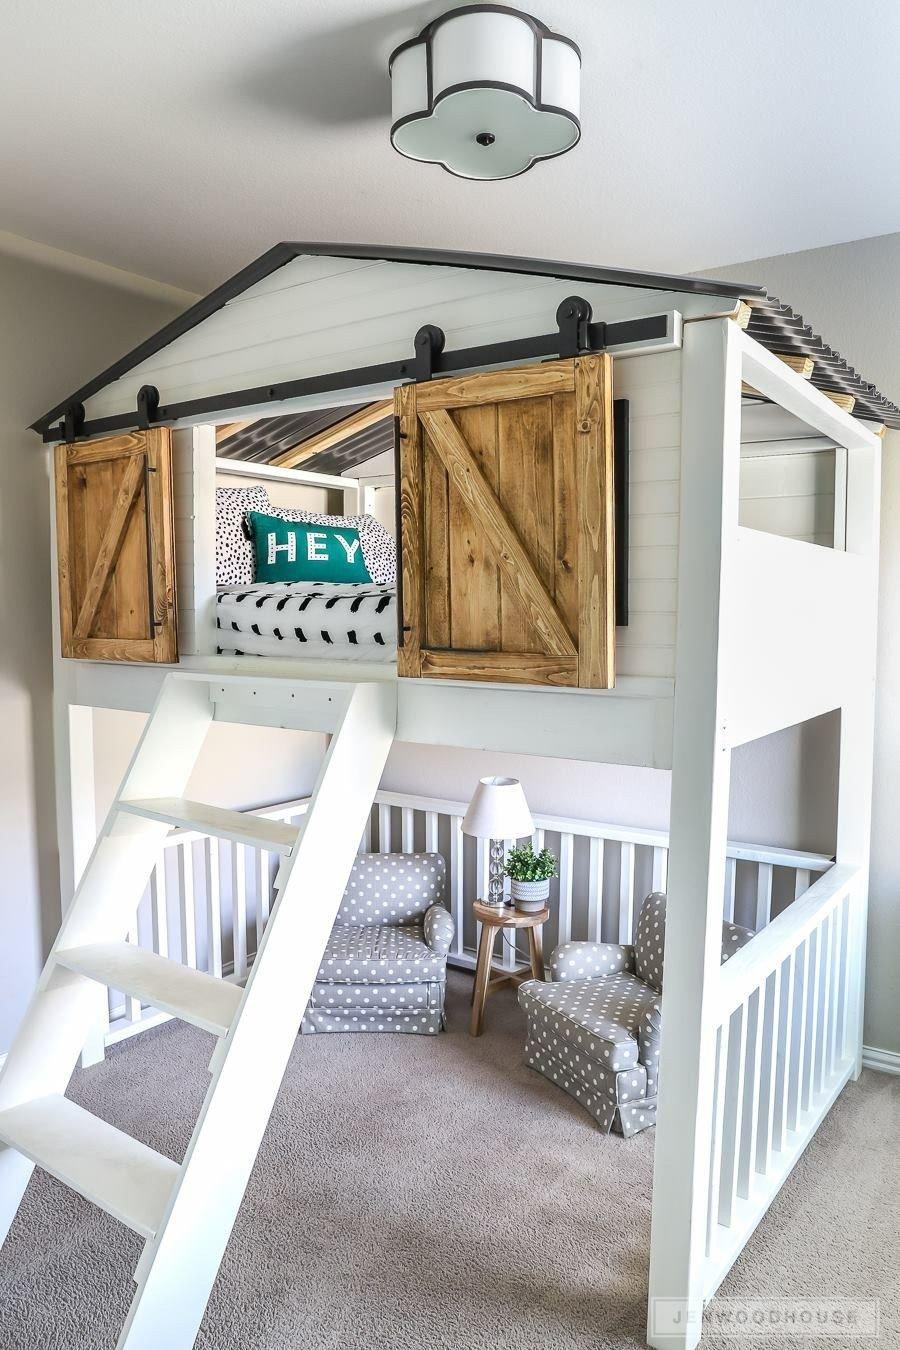 Loft Bed Bedroom Ideas Best Of Ein Absolutes Kinderpara S Oder Mit Ser tollen Diy